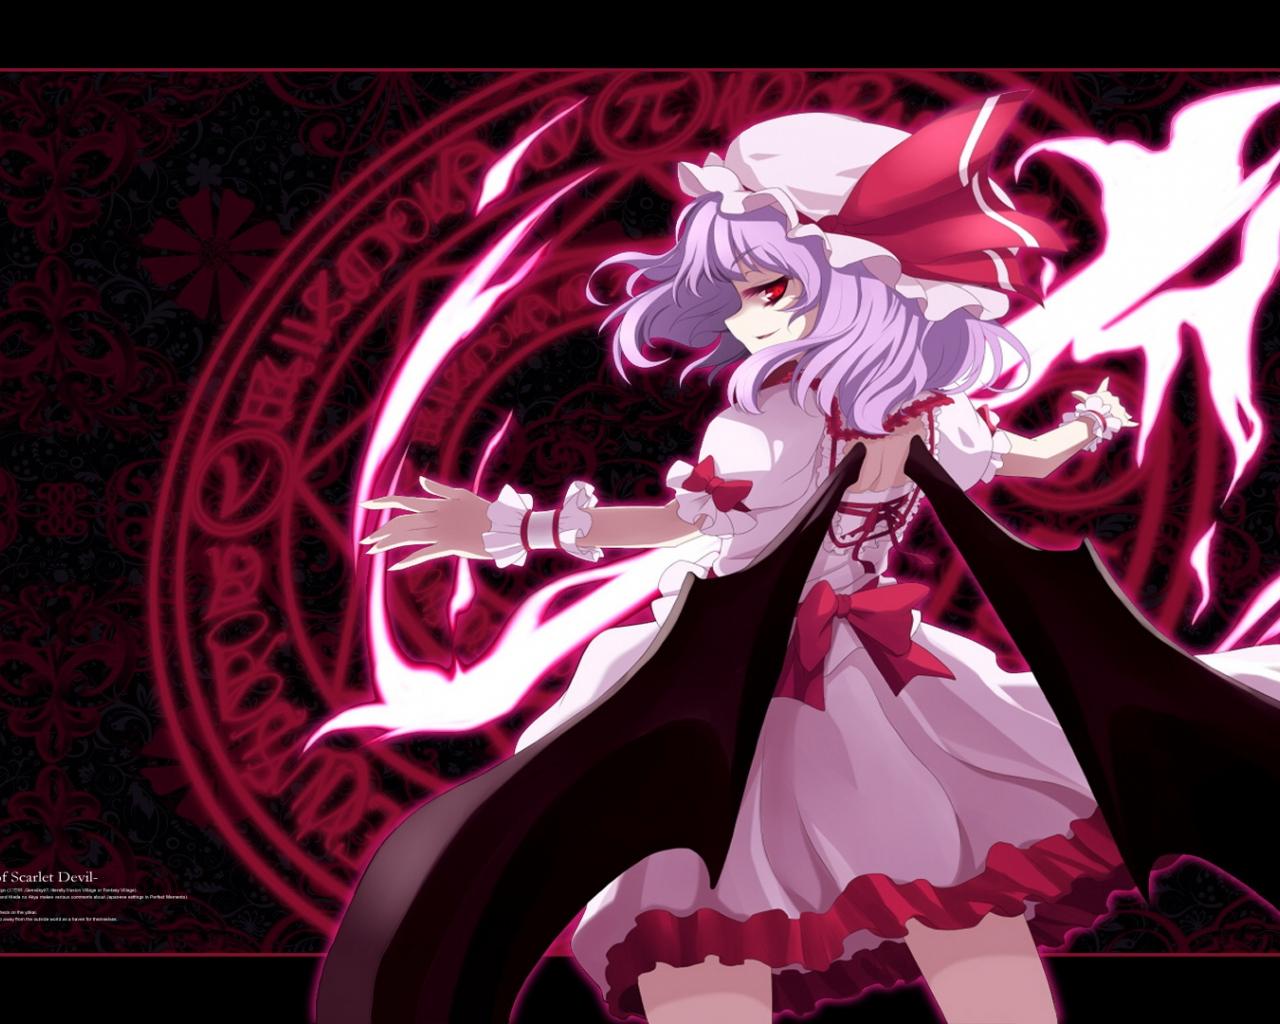 Unduh 640+ Wallpaper Anime Hd 1080p Gratis Terbaru